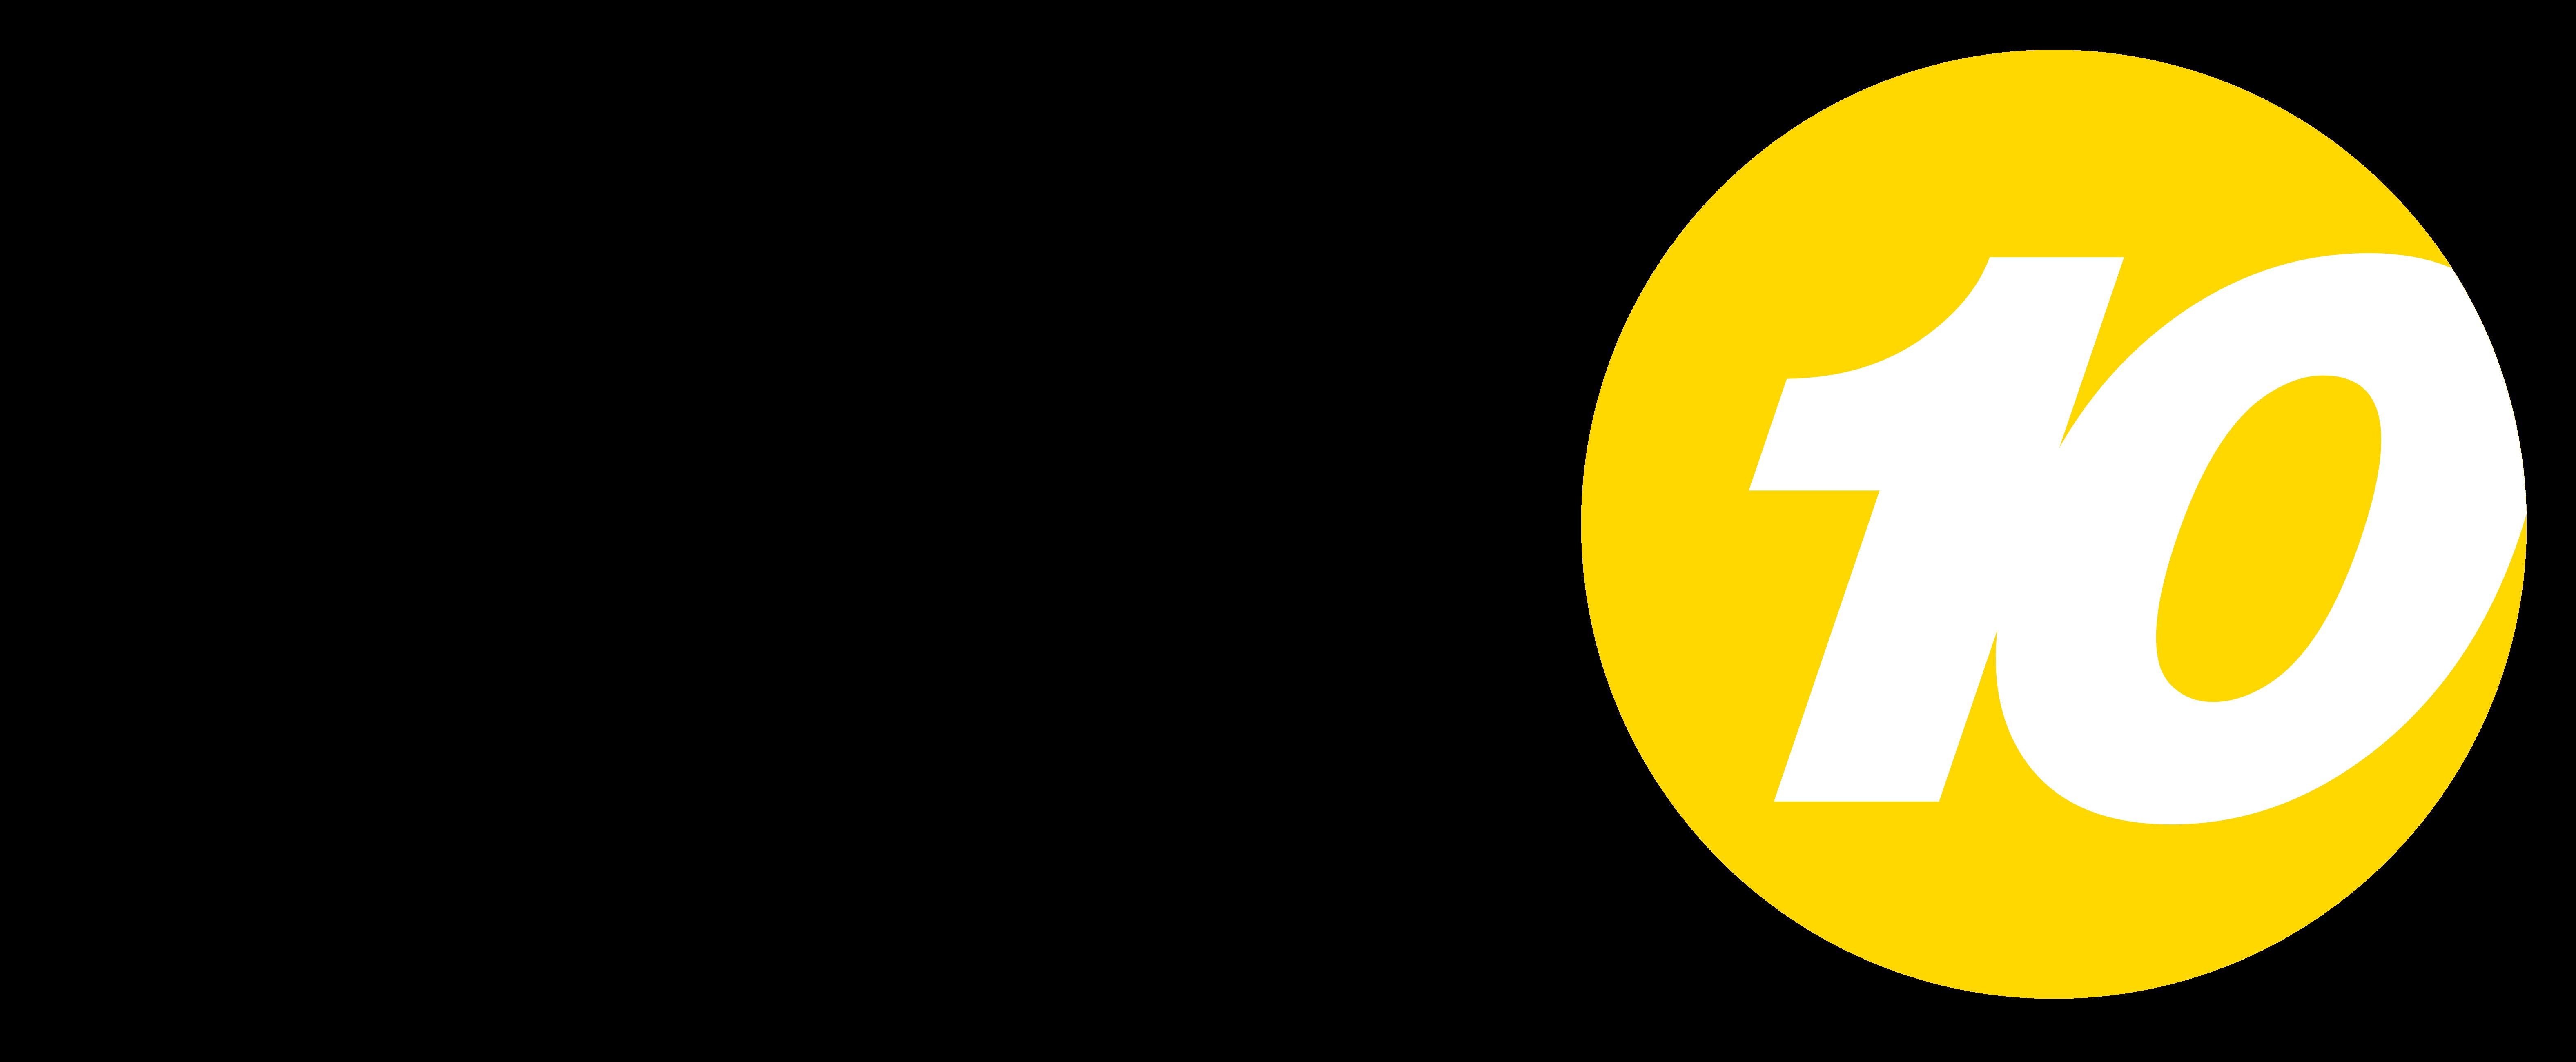 AlternateHistory.com's KGTV logo #1.png